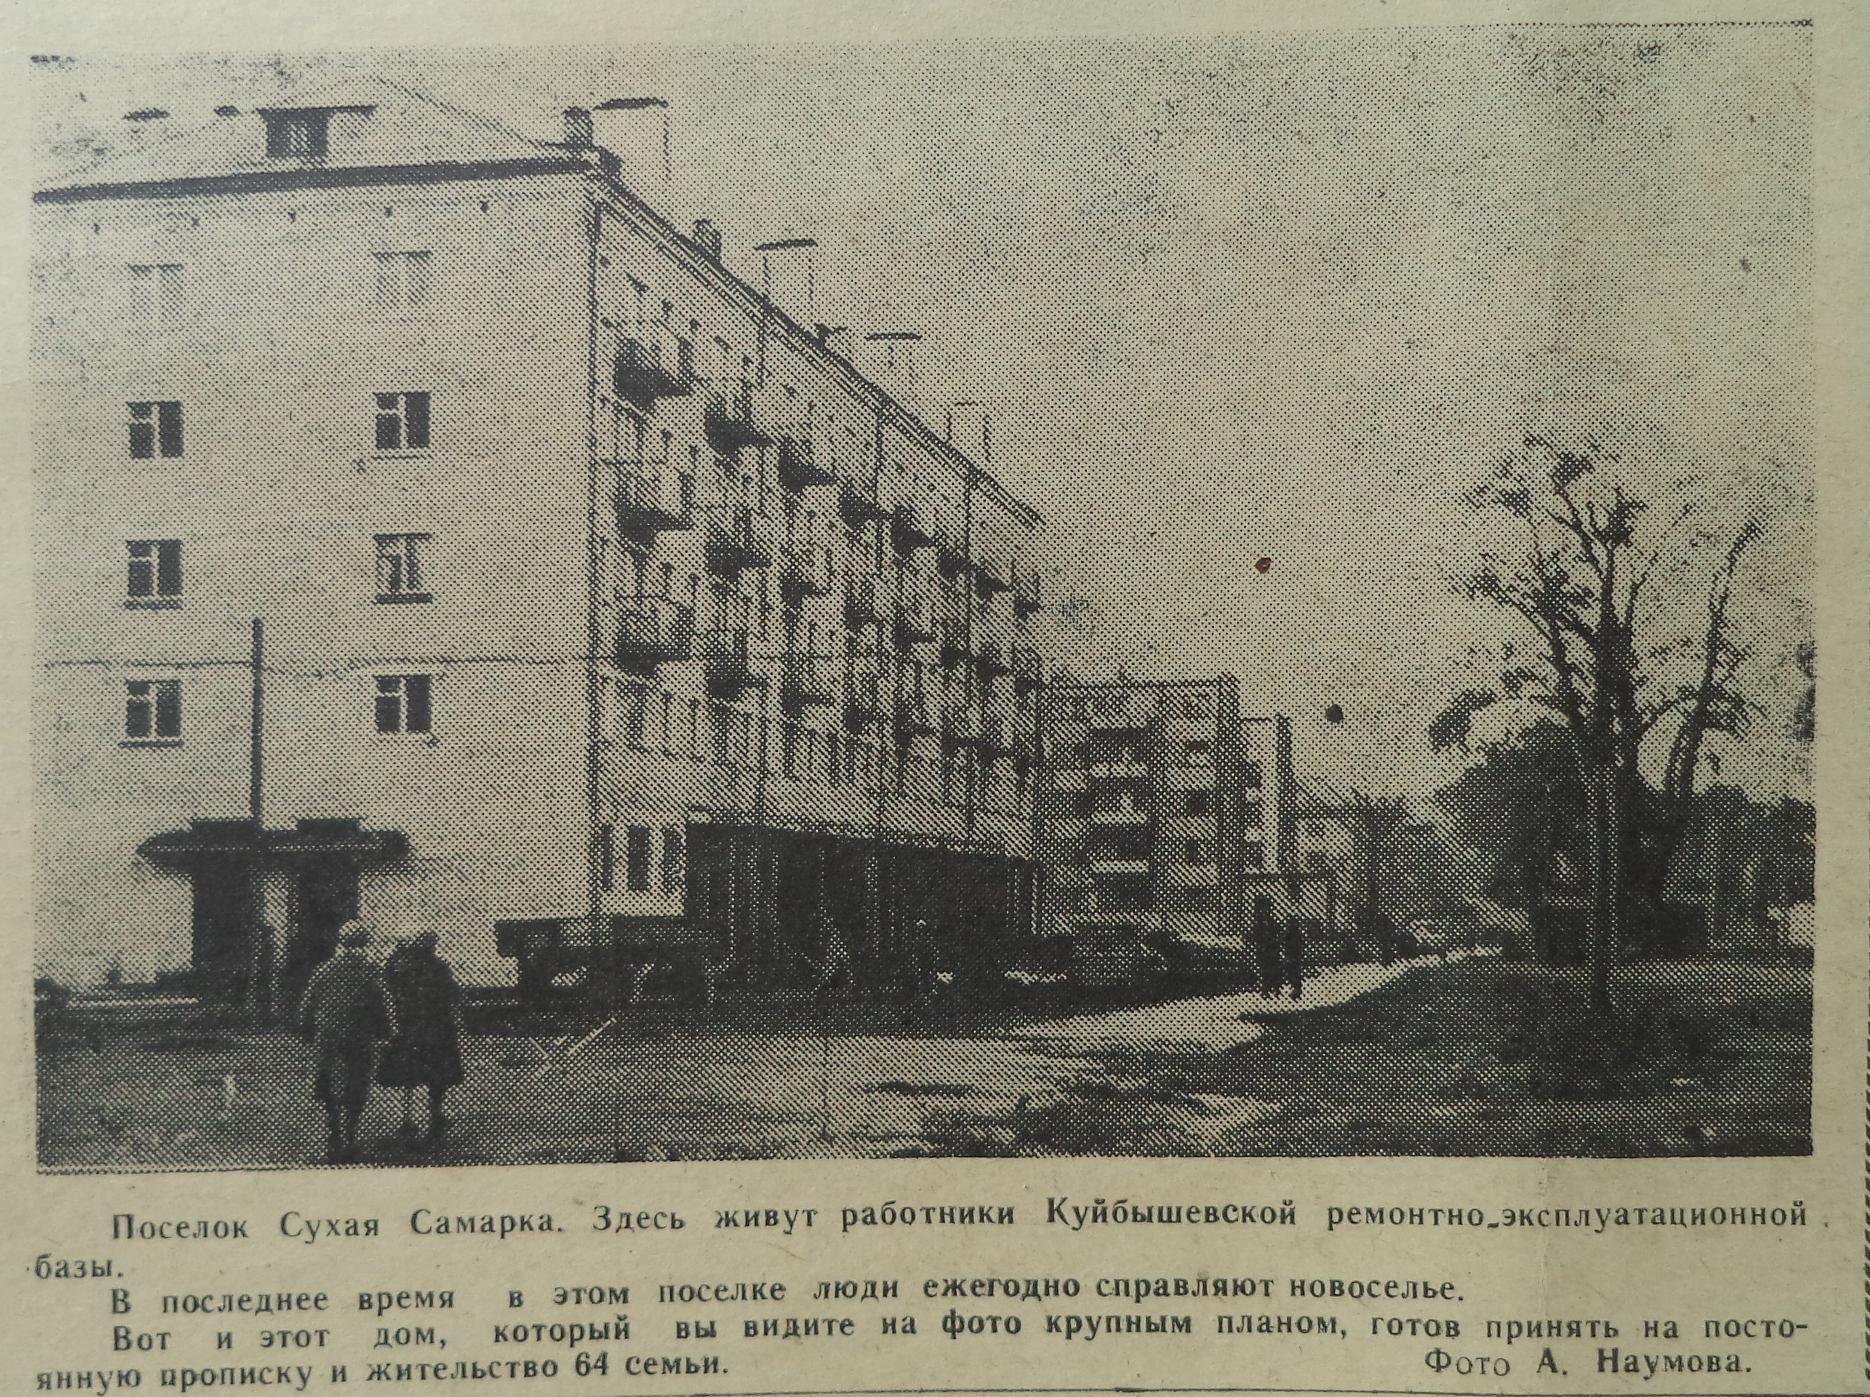 Флотская-ФОТО-13-Советский Танкер-1969-7 ноября-дом № 15-min